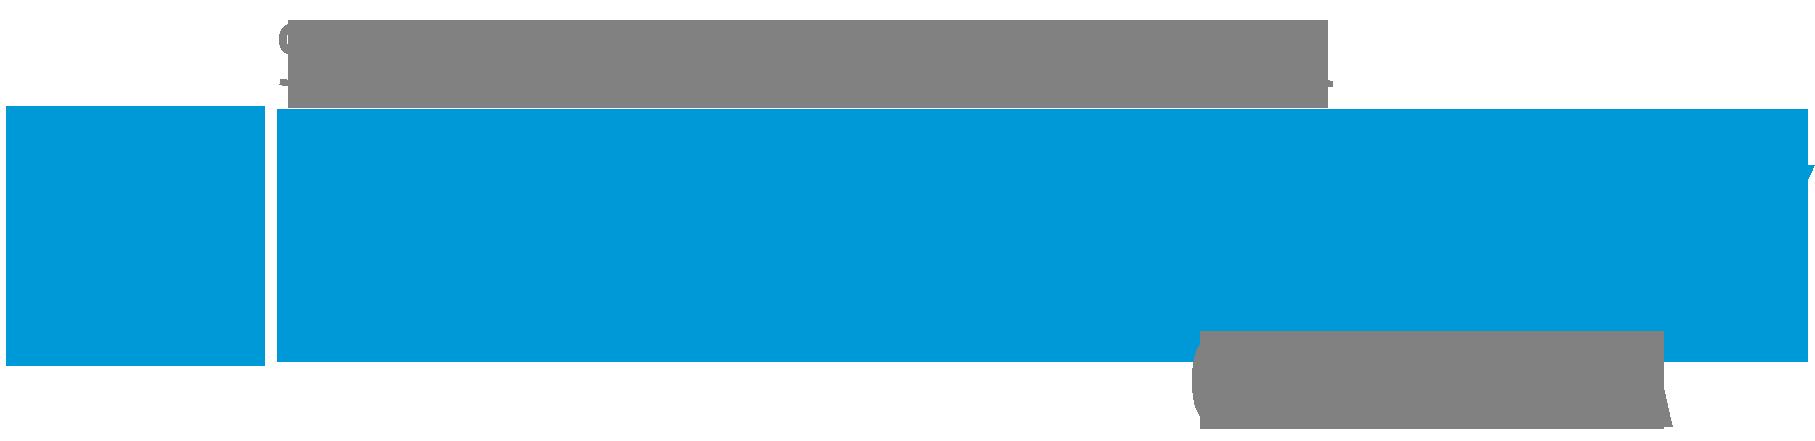 Gdynia e-abonamenty